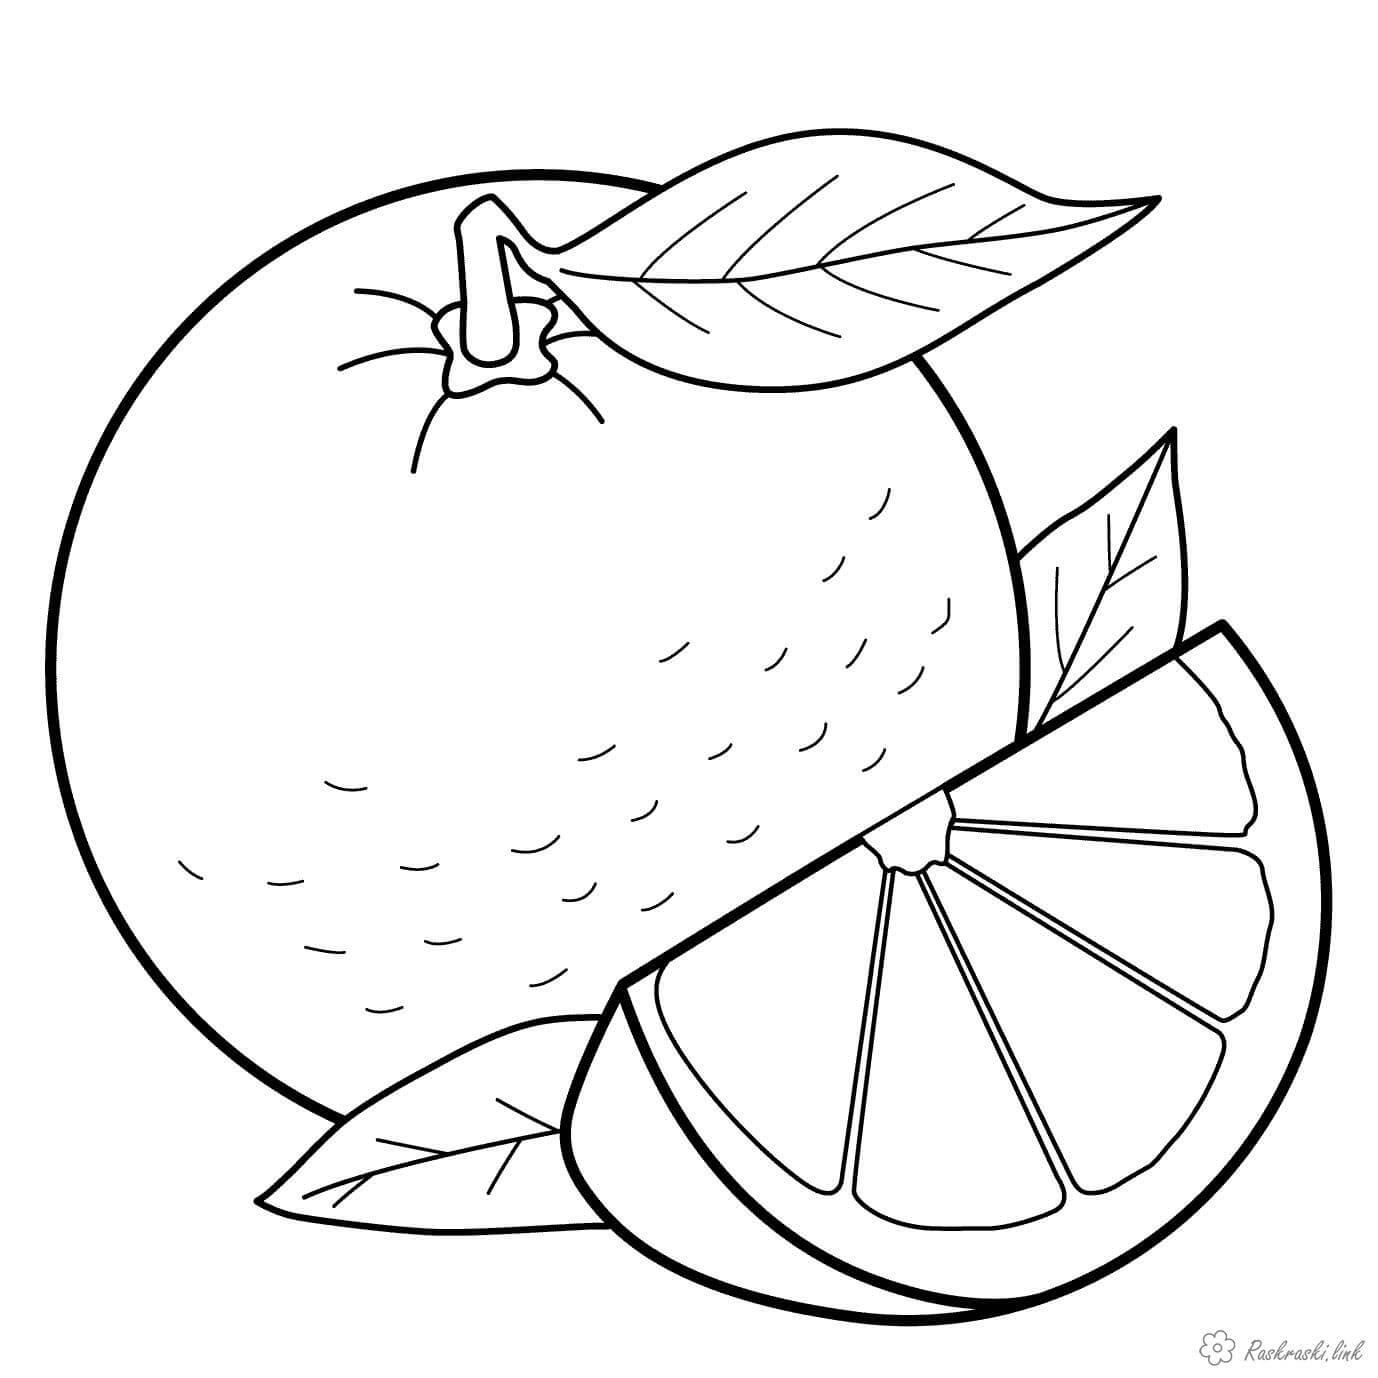 Красивые картинки для раскраски фрукты и овощи - подборка 6